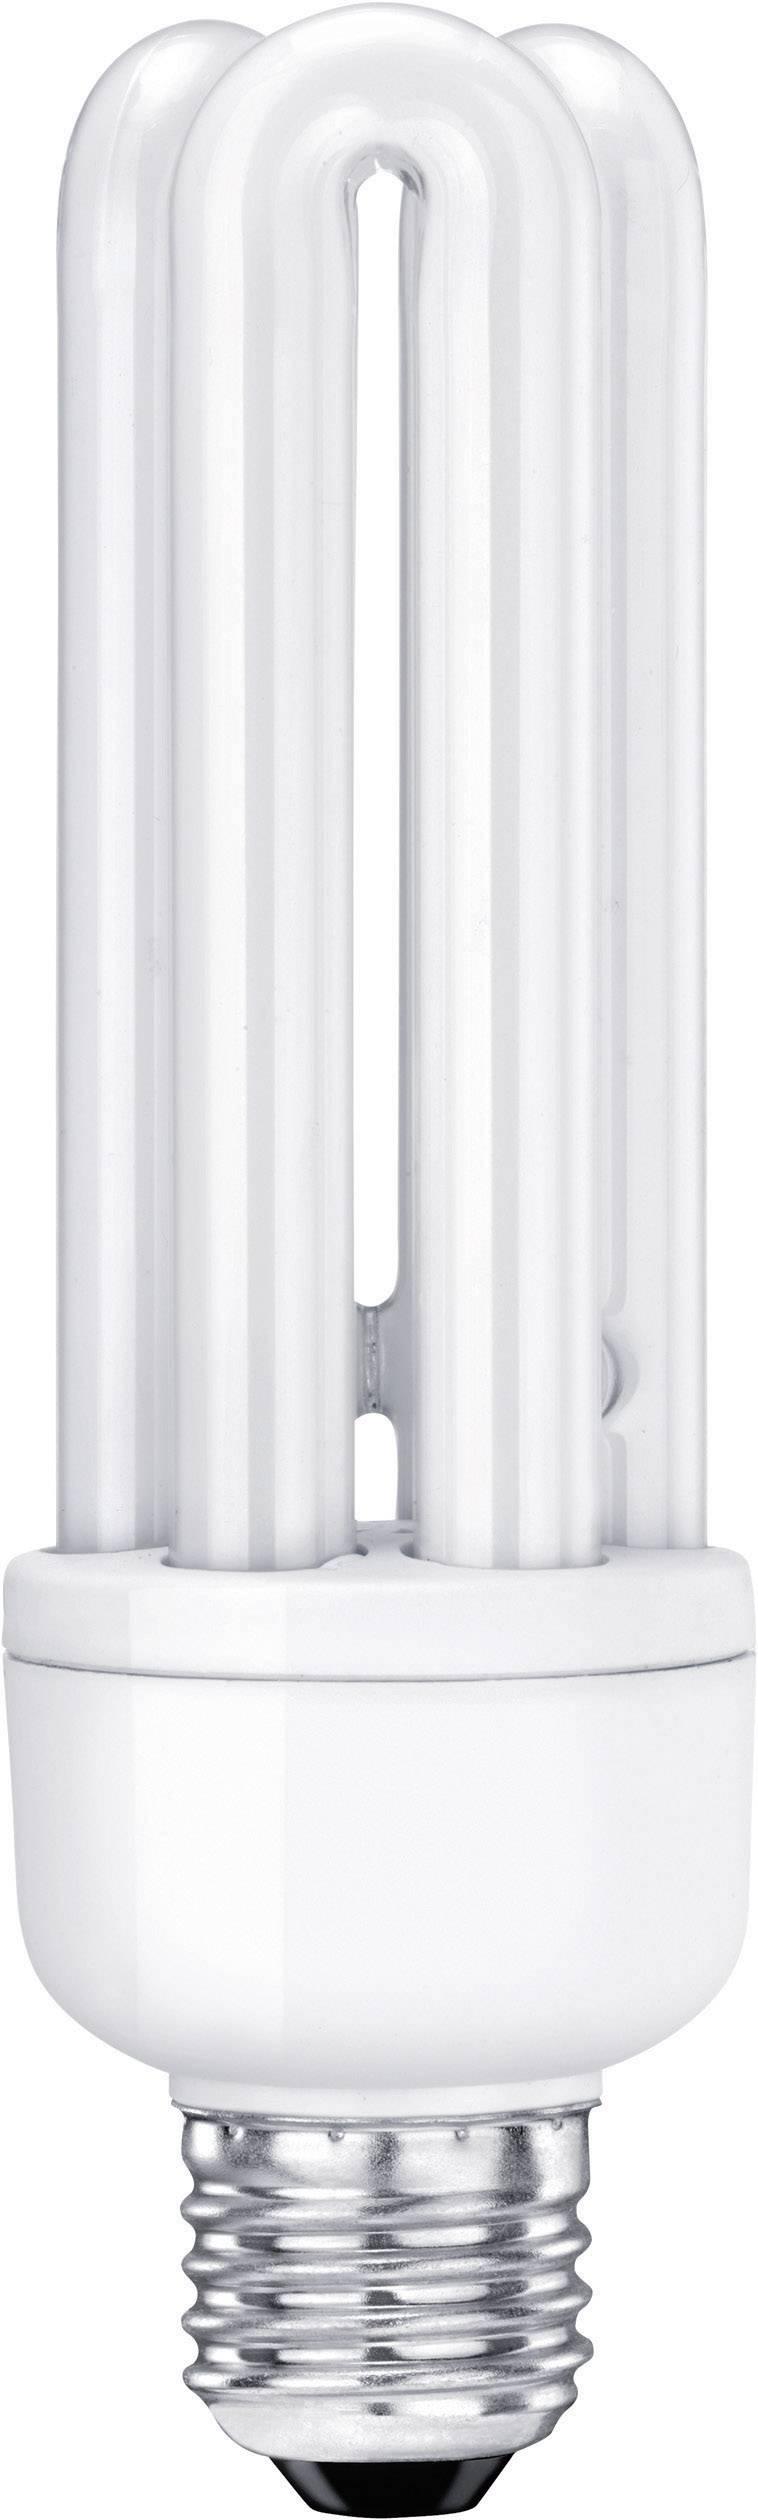 Úsporná žárovka trubková Sygonix, E27, 20 W, teplá bílá